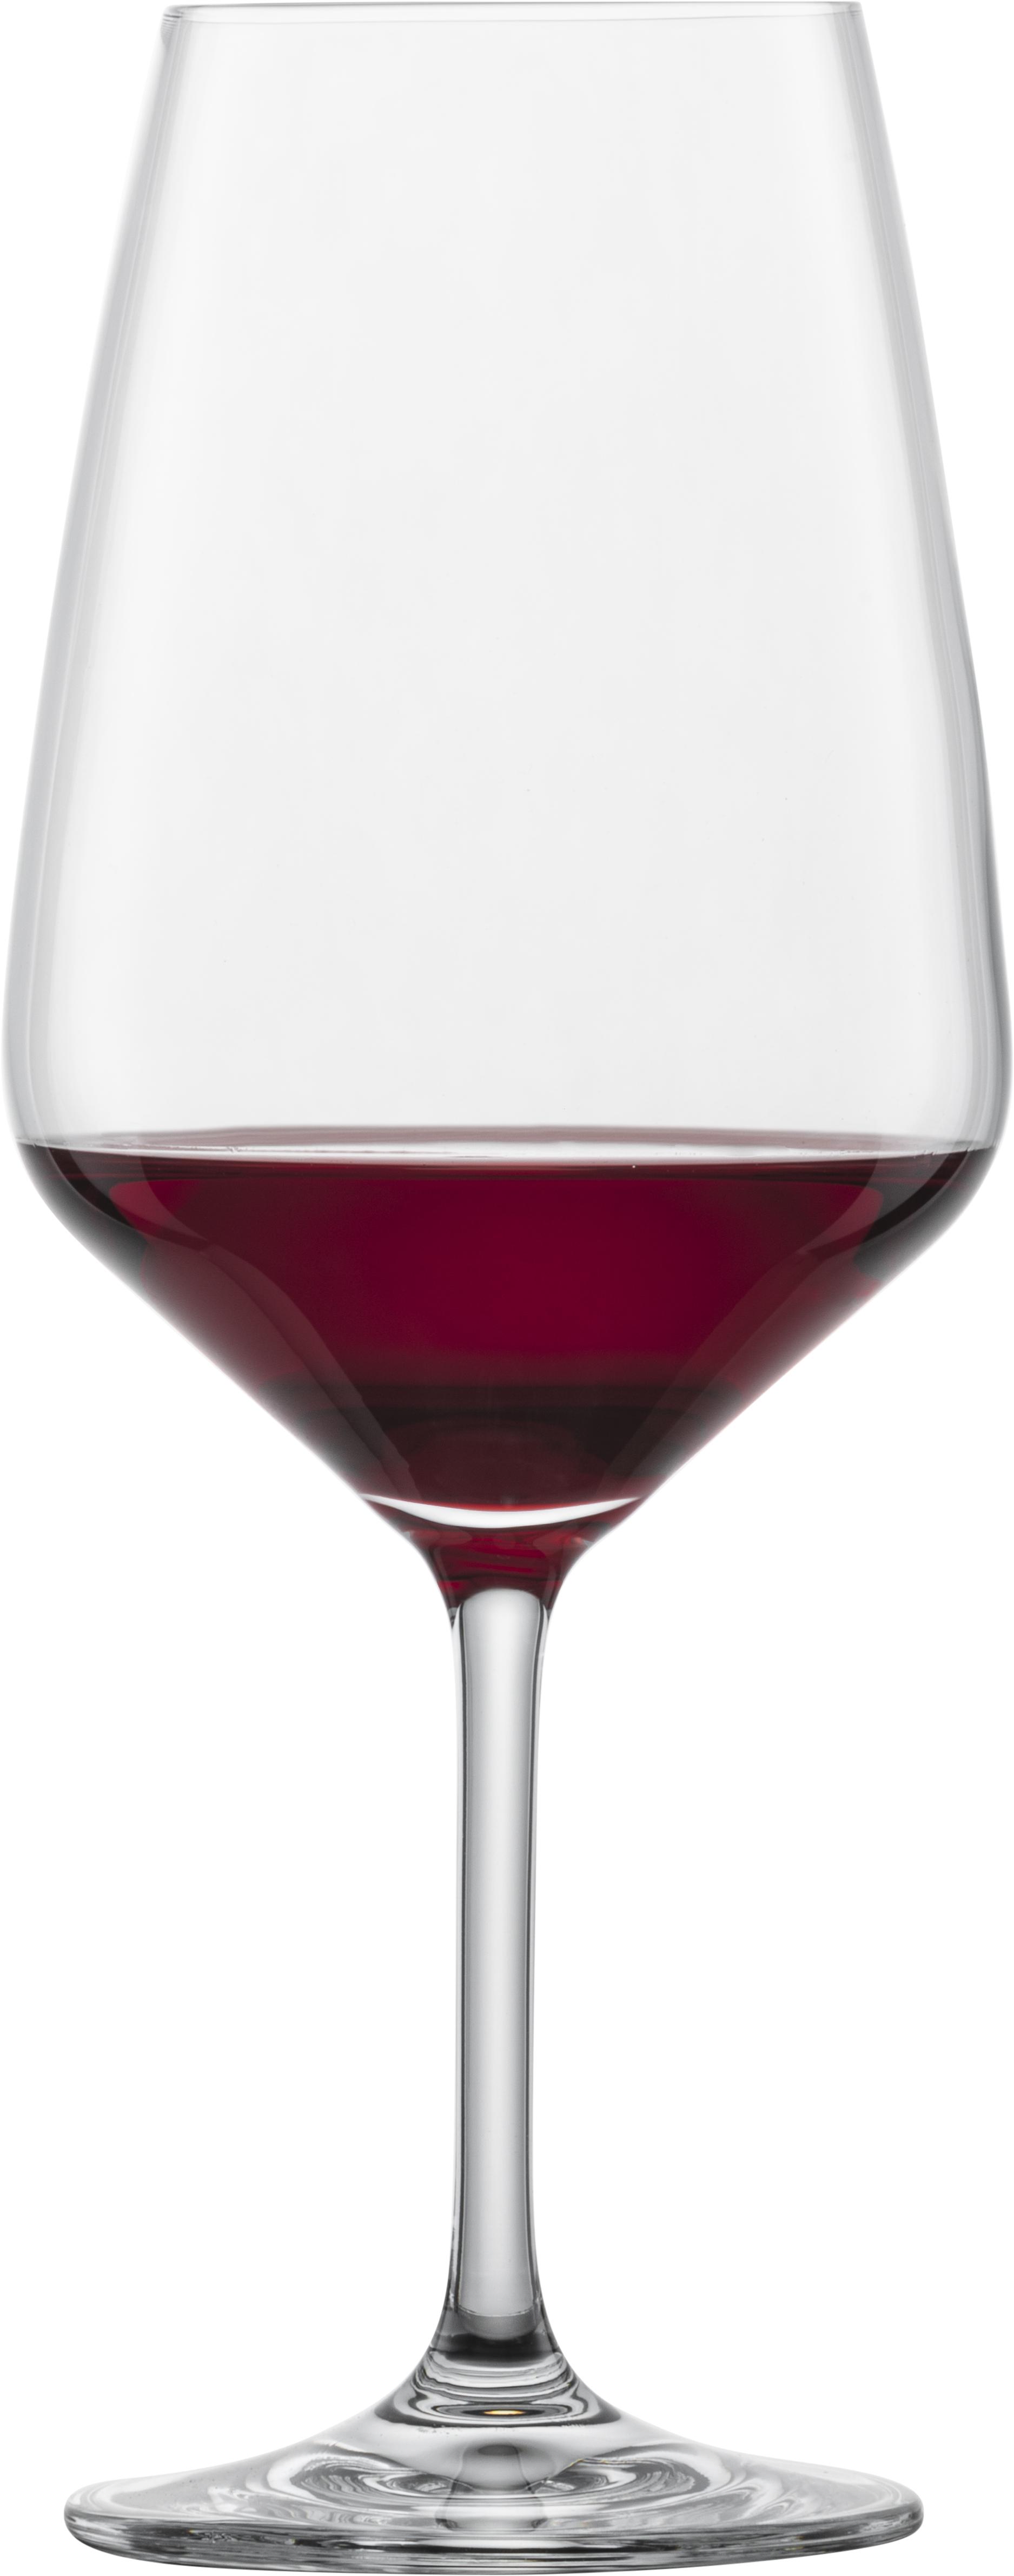 Sklenice na červené víno BORDEAUX 656ml 6ks TASTE SCHOTT ZWIESEL